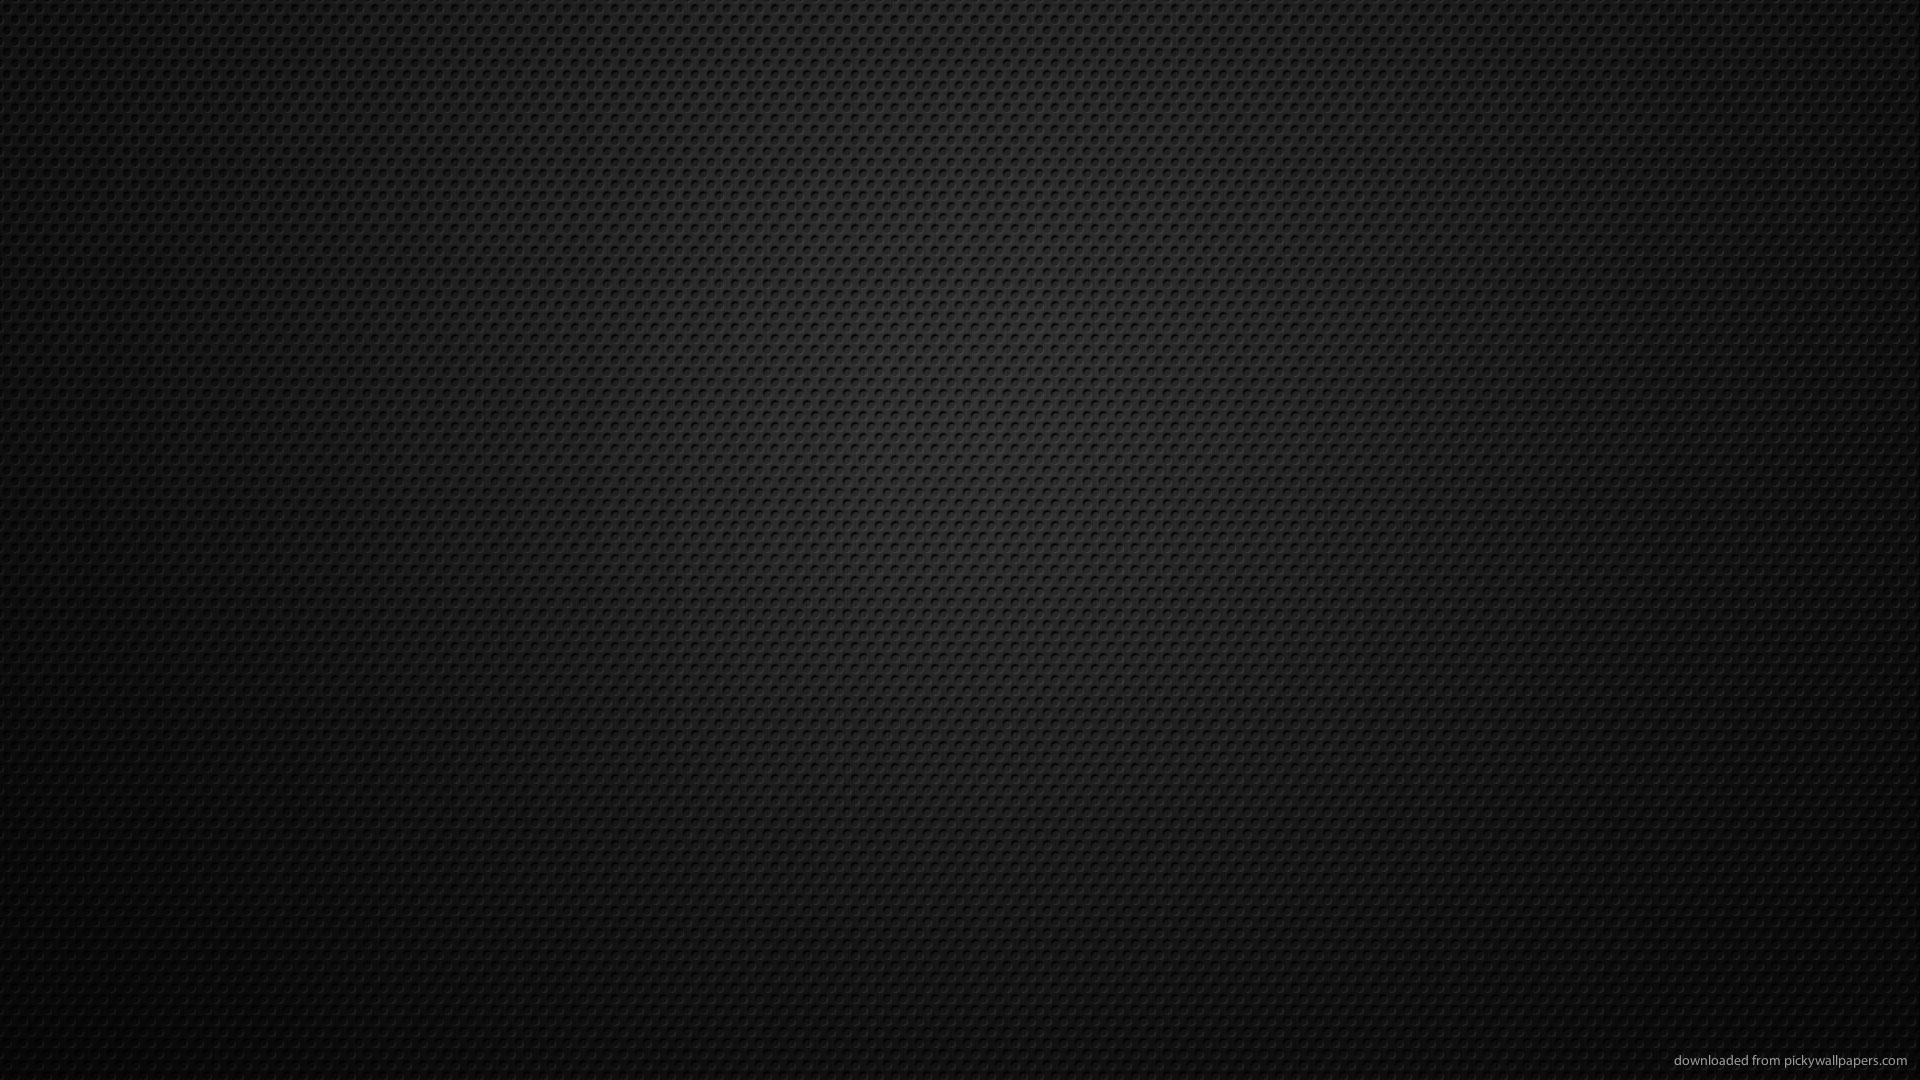 Dark HD Wallpapers 1920x1080 1920x1080